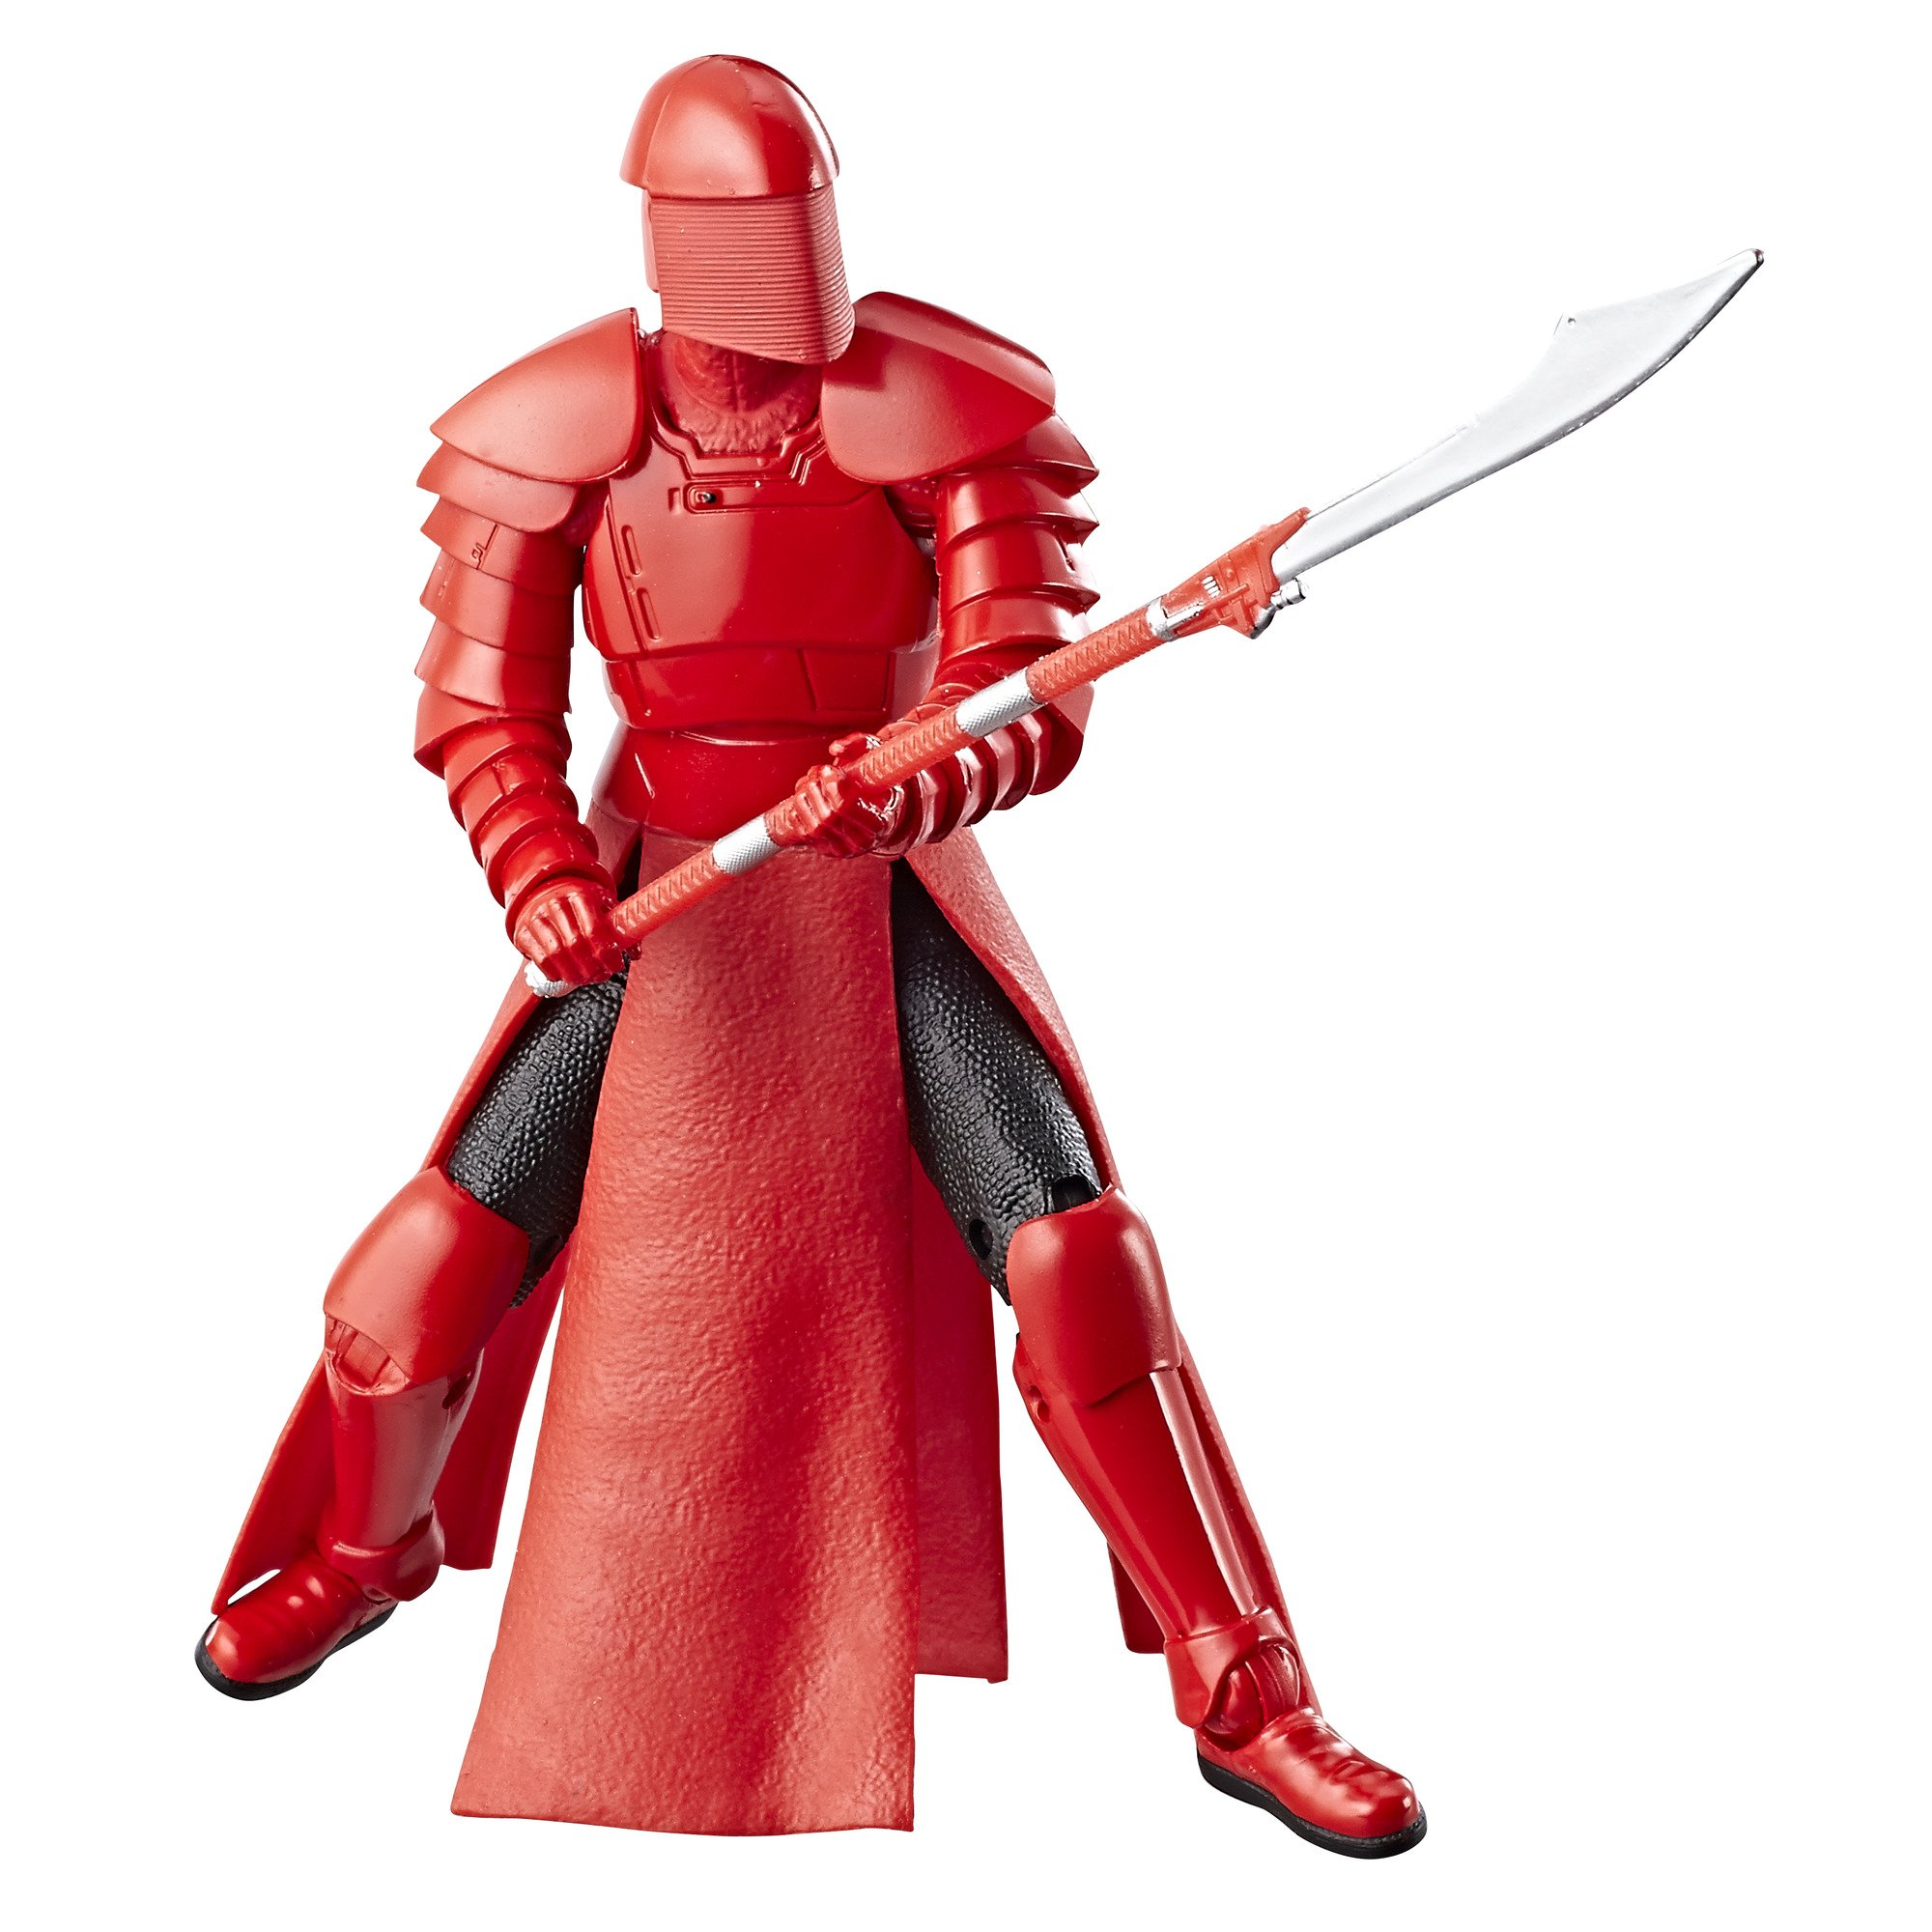 Star Wars Praetorian Guard